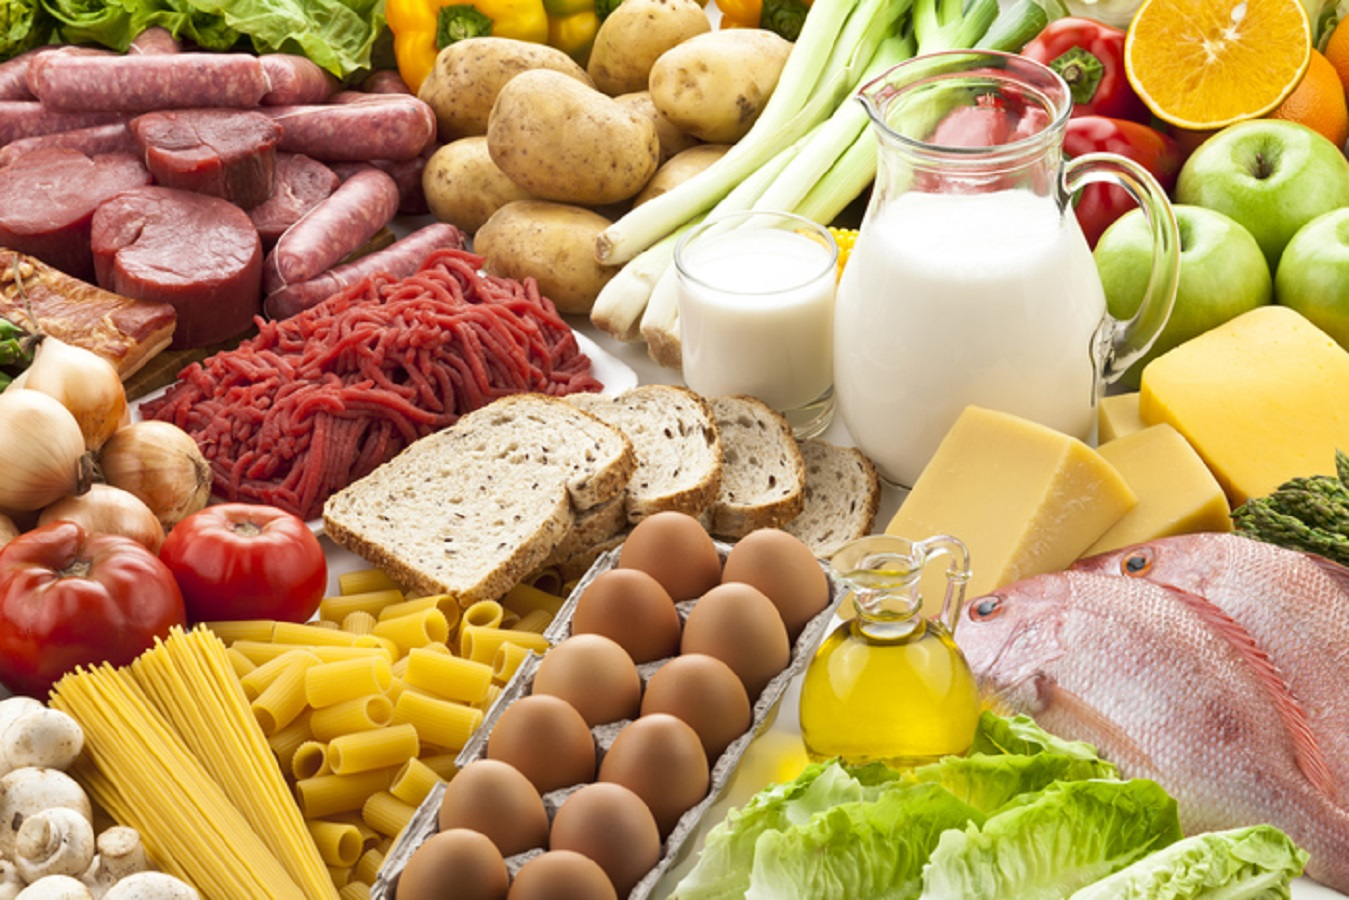 Colesterolo e diabete, dieta ricca di proteine animali ne aumenta il rischio